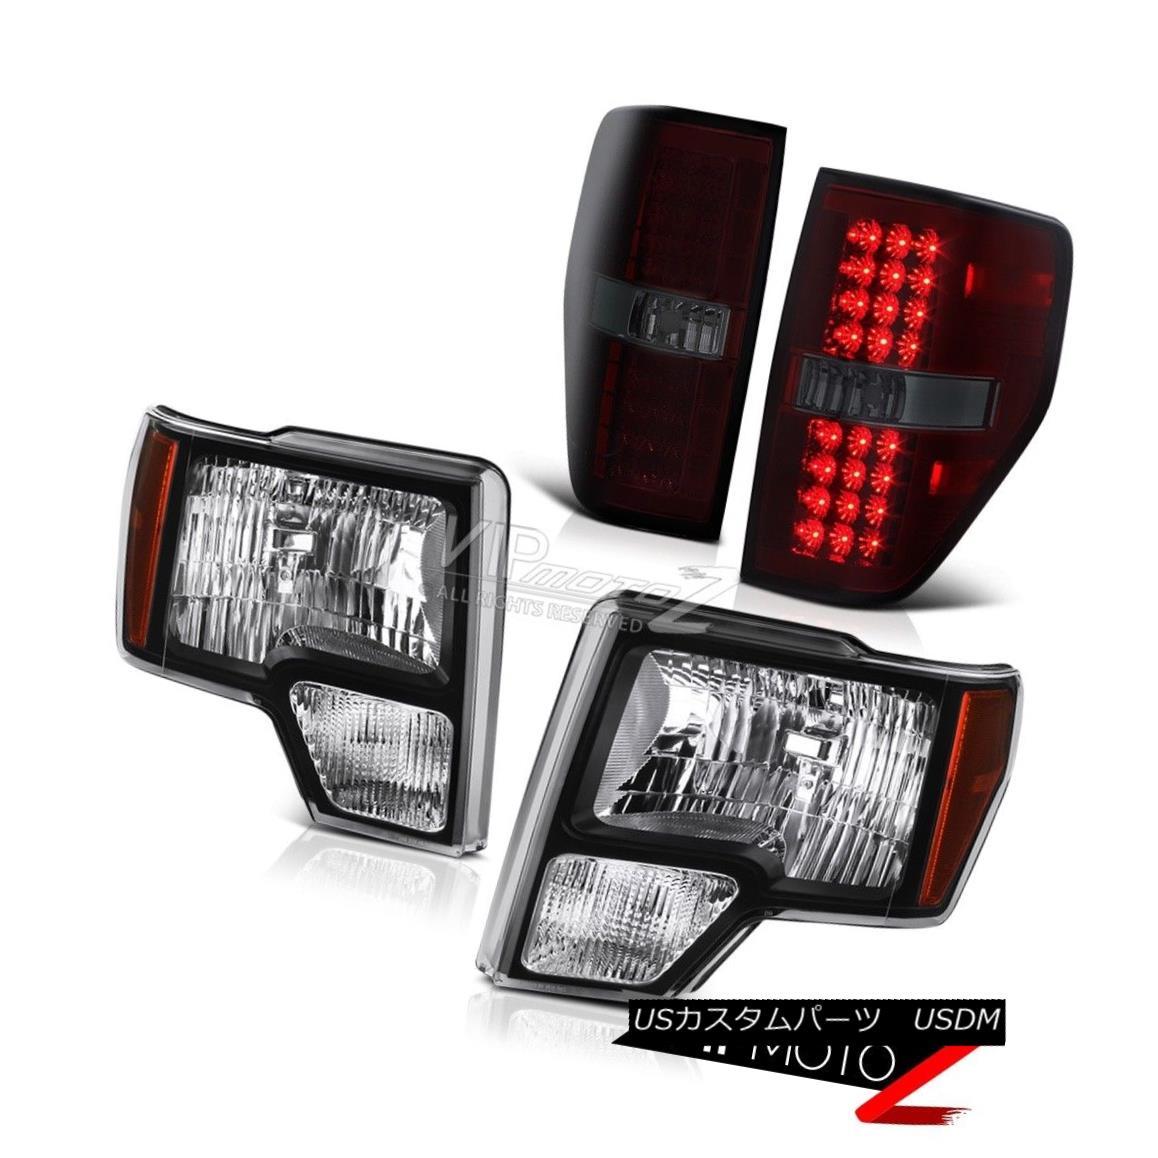 ヘッドライト 09-14 F150 Pickup XL/XLT/STX Black/Amber Headlamp+SMOKEY RED LED Tail Light Lamp 09-14 F150ピックアップXL / XLT / STXブラック/アンバーヘッドランプ+ SMOKE  YレッドLEDテールライトランプ